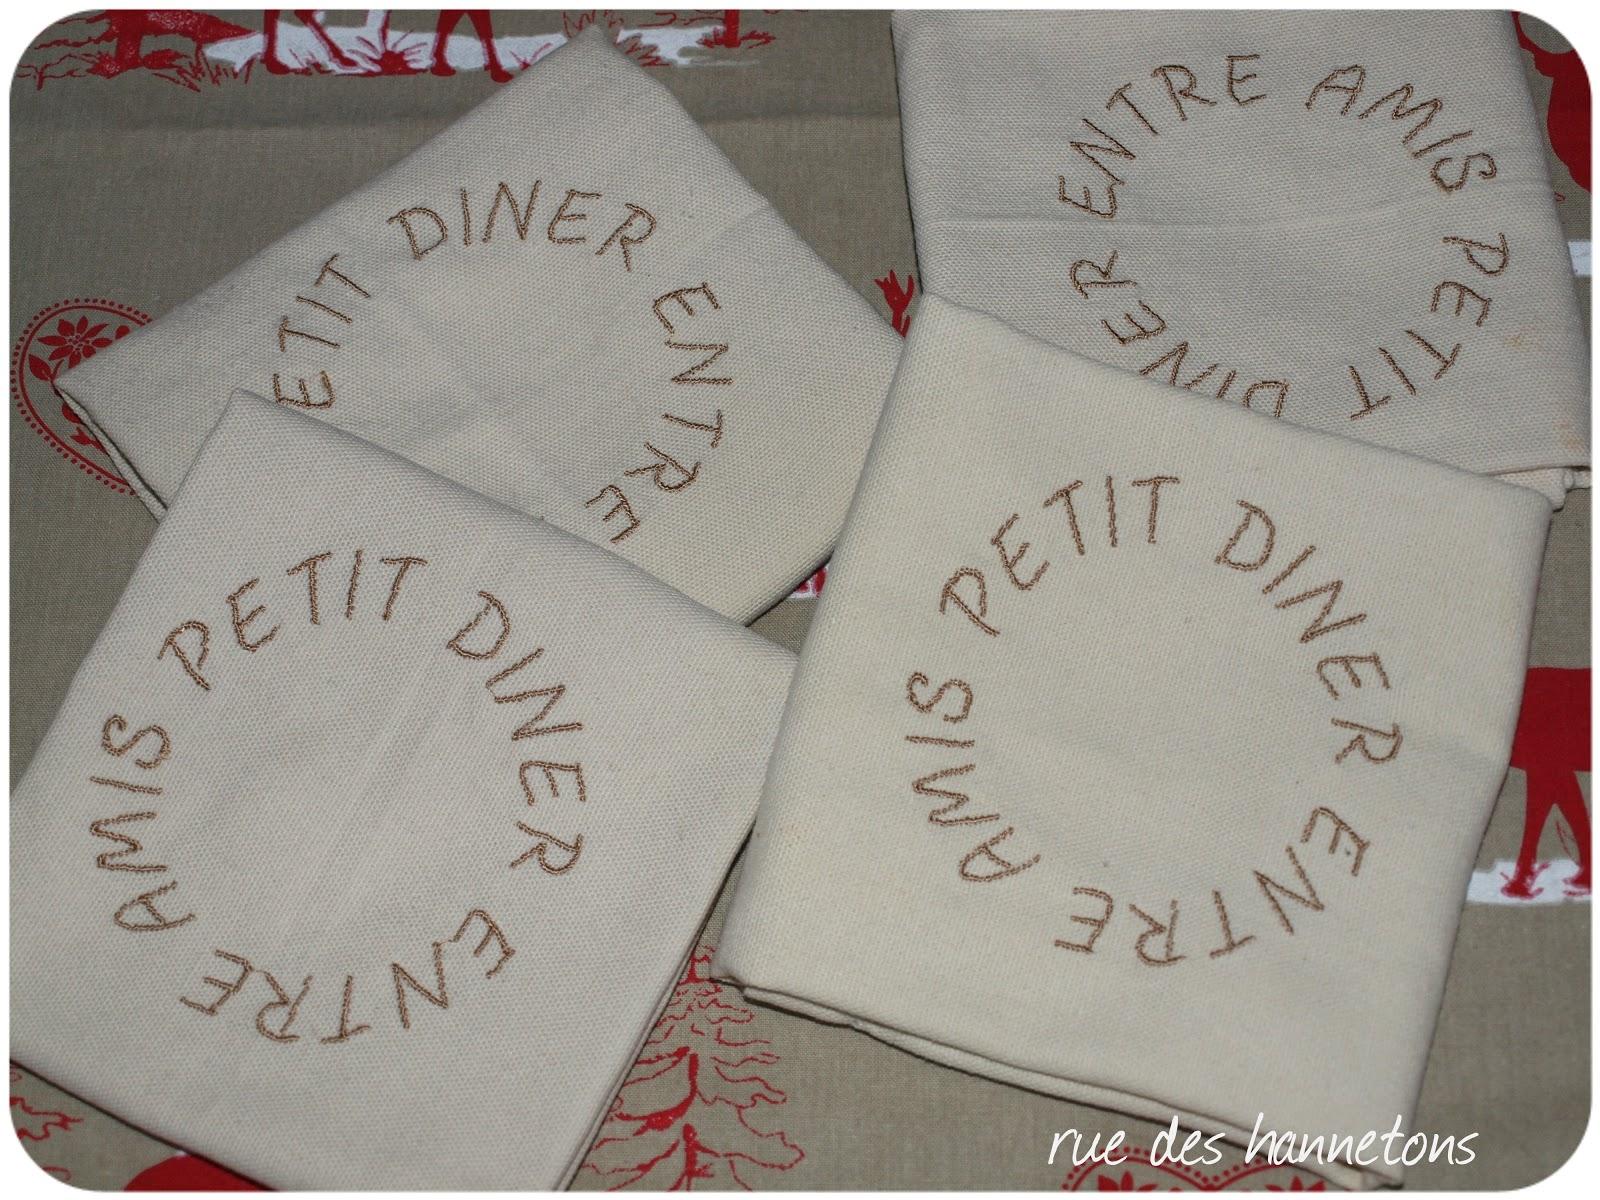 Rue des hannetons esprit de no l for Petit diner entre amis